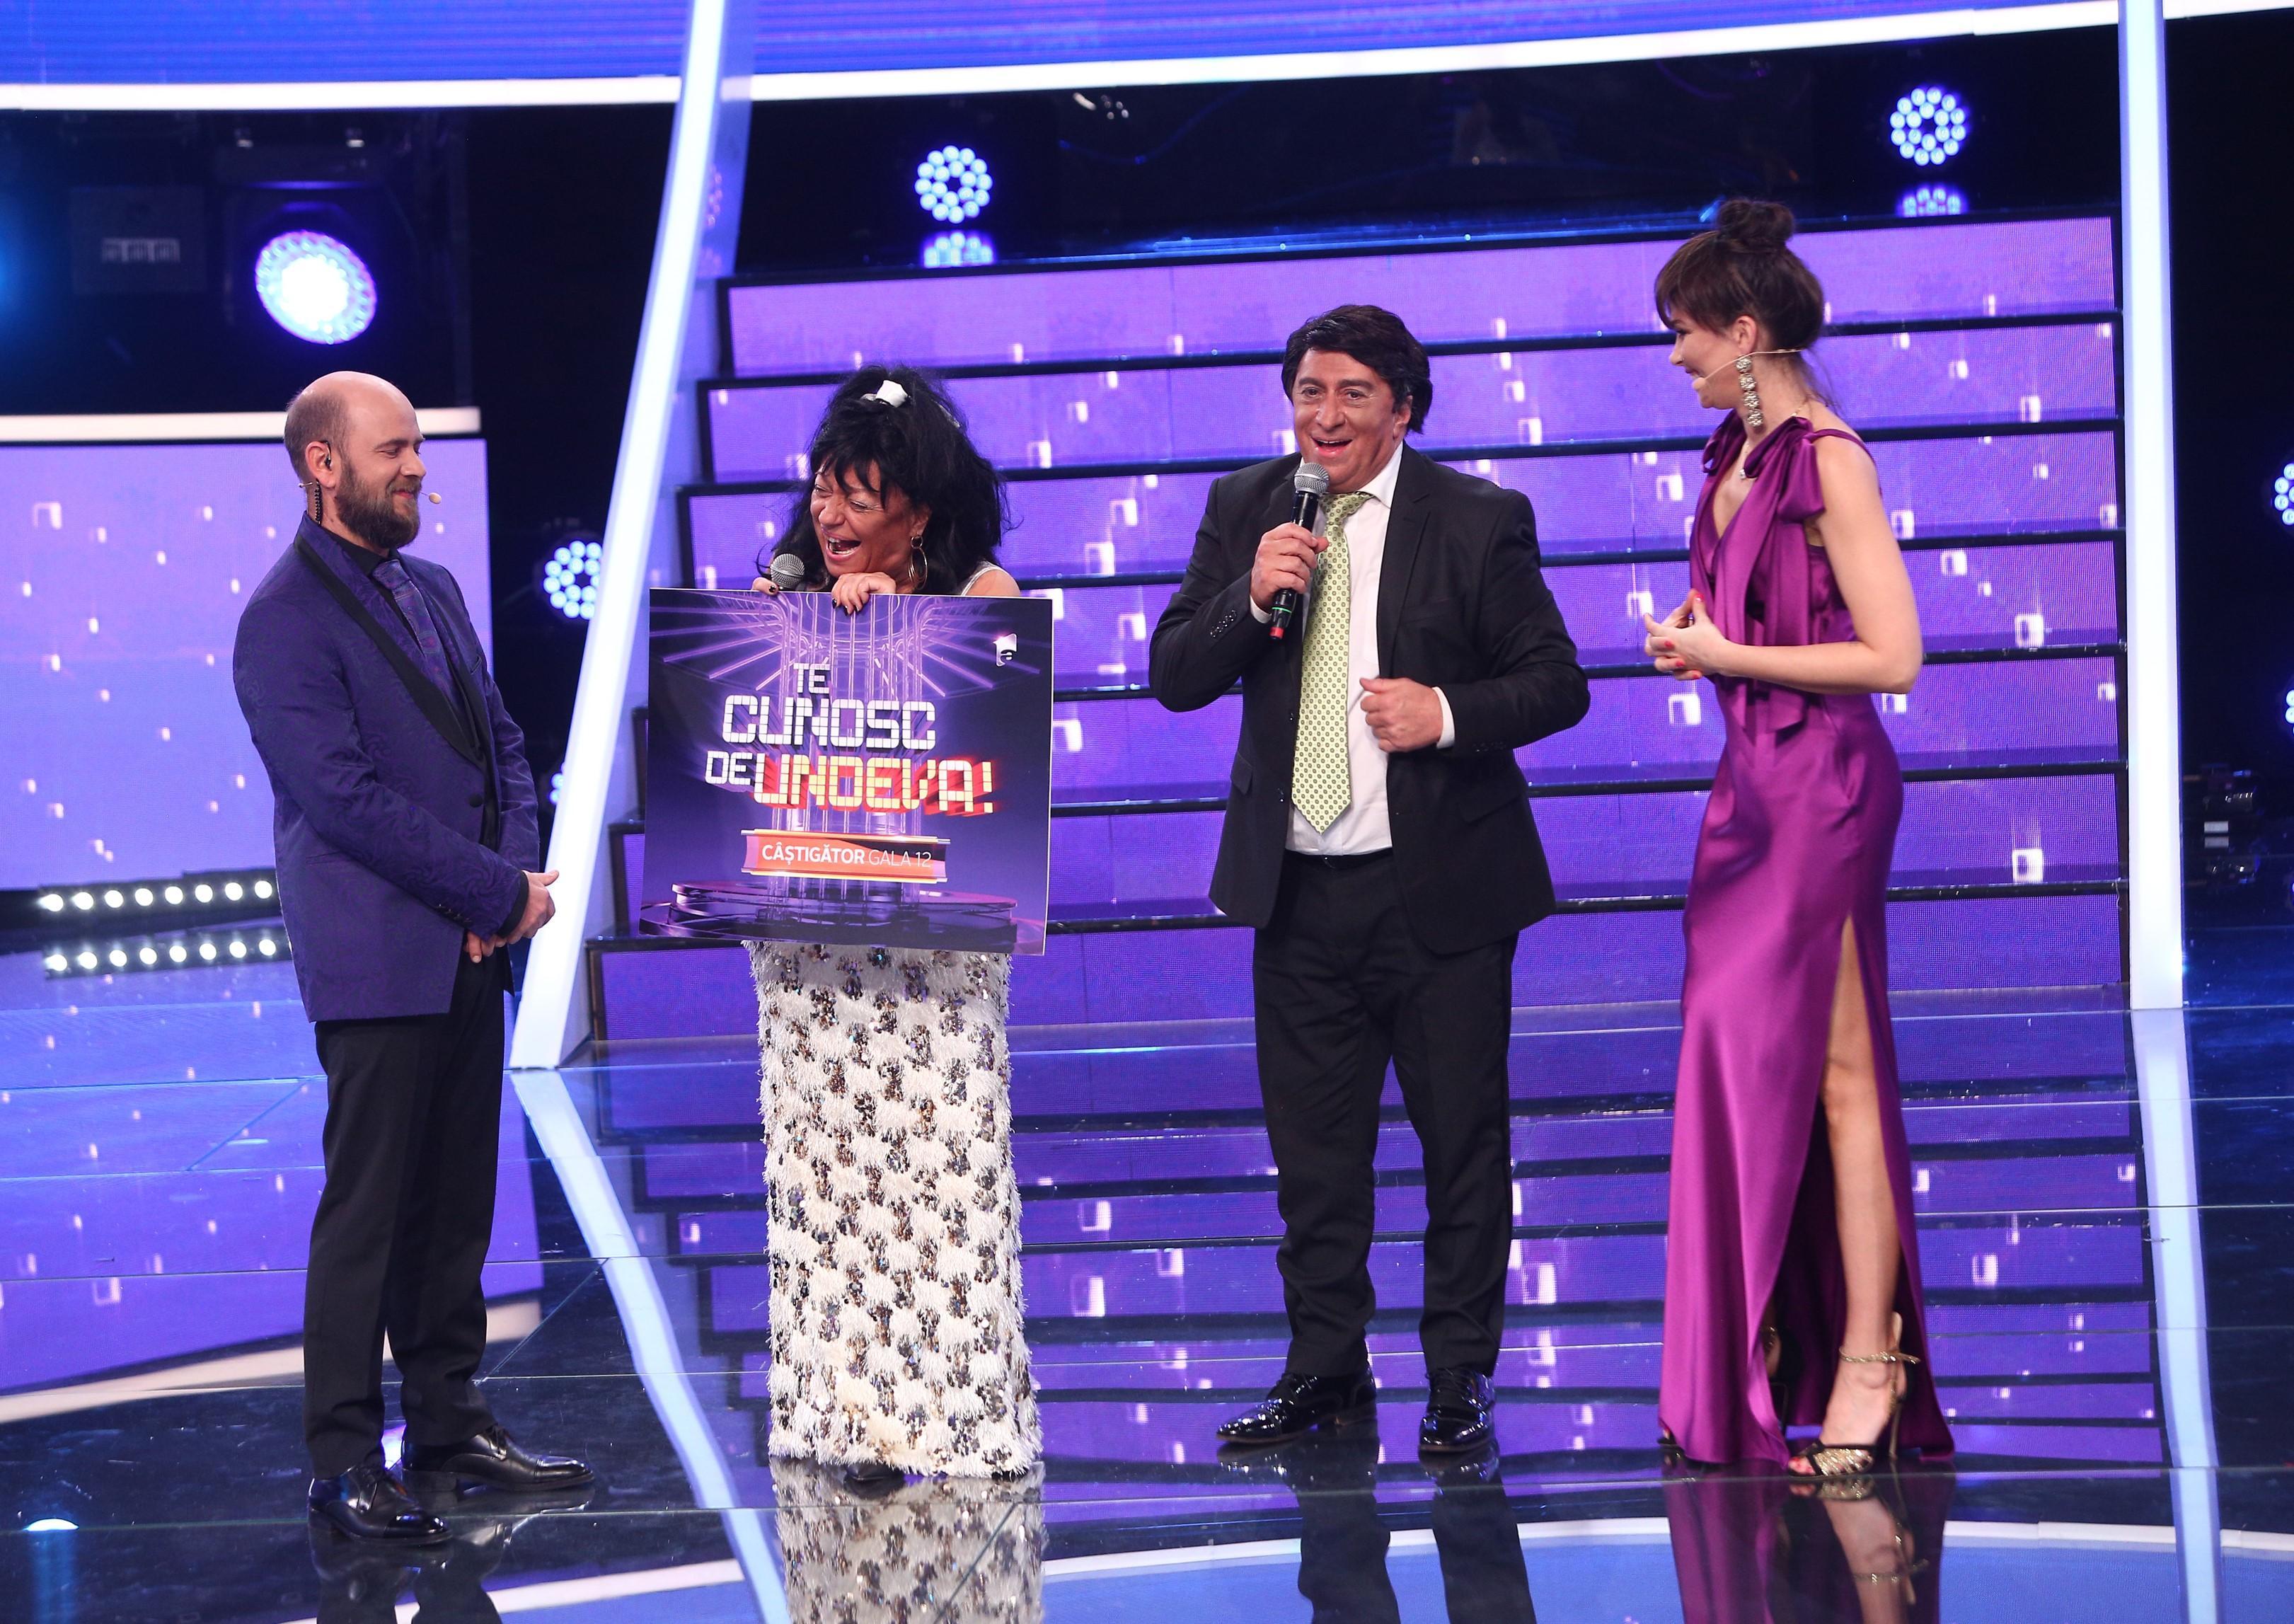 Te cunosc de undeva, 24 aprilie 2021. Adriana Trandafir și Romică Țociu au câștigat a XII-a ediție a sezonului 16